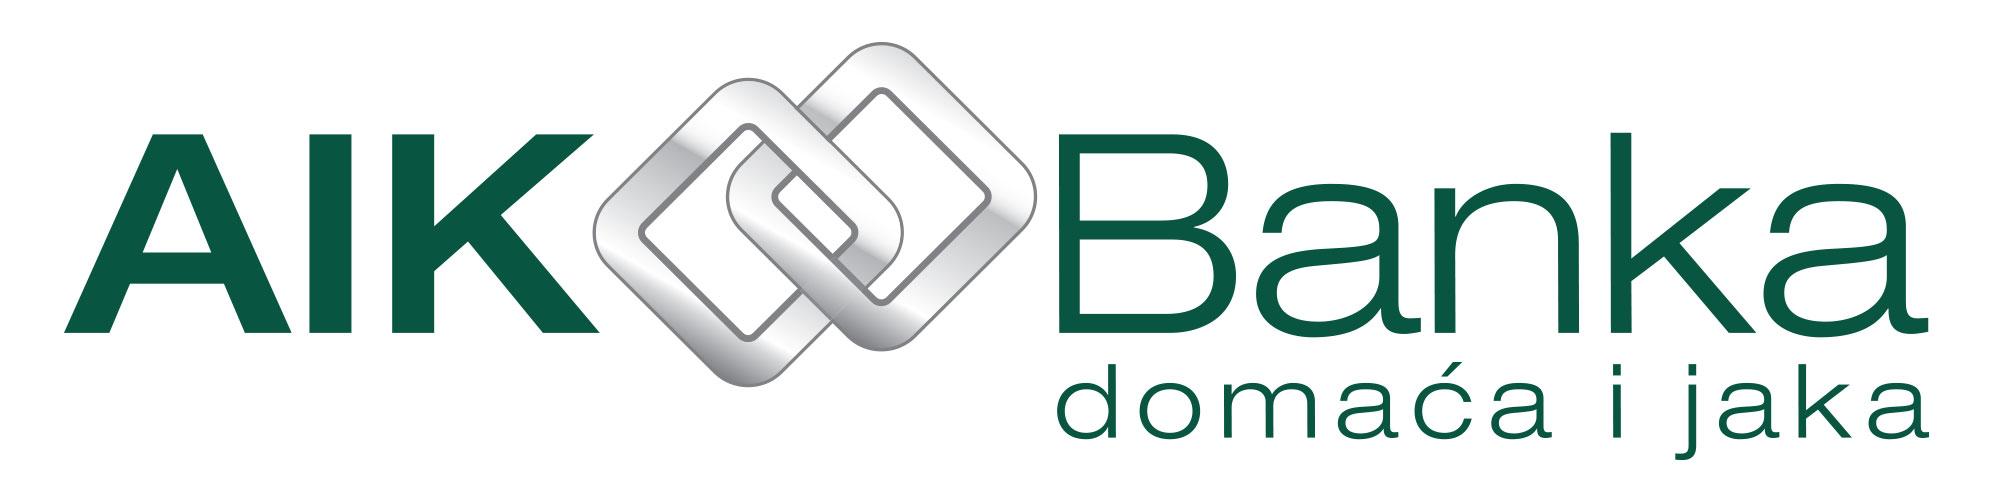 aik banka logo